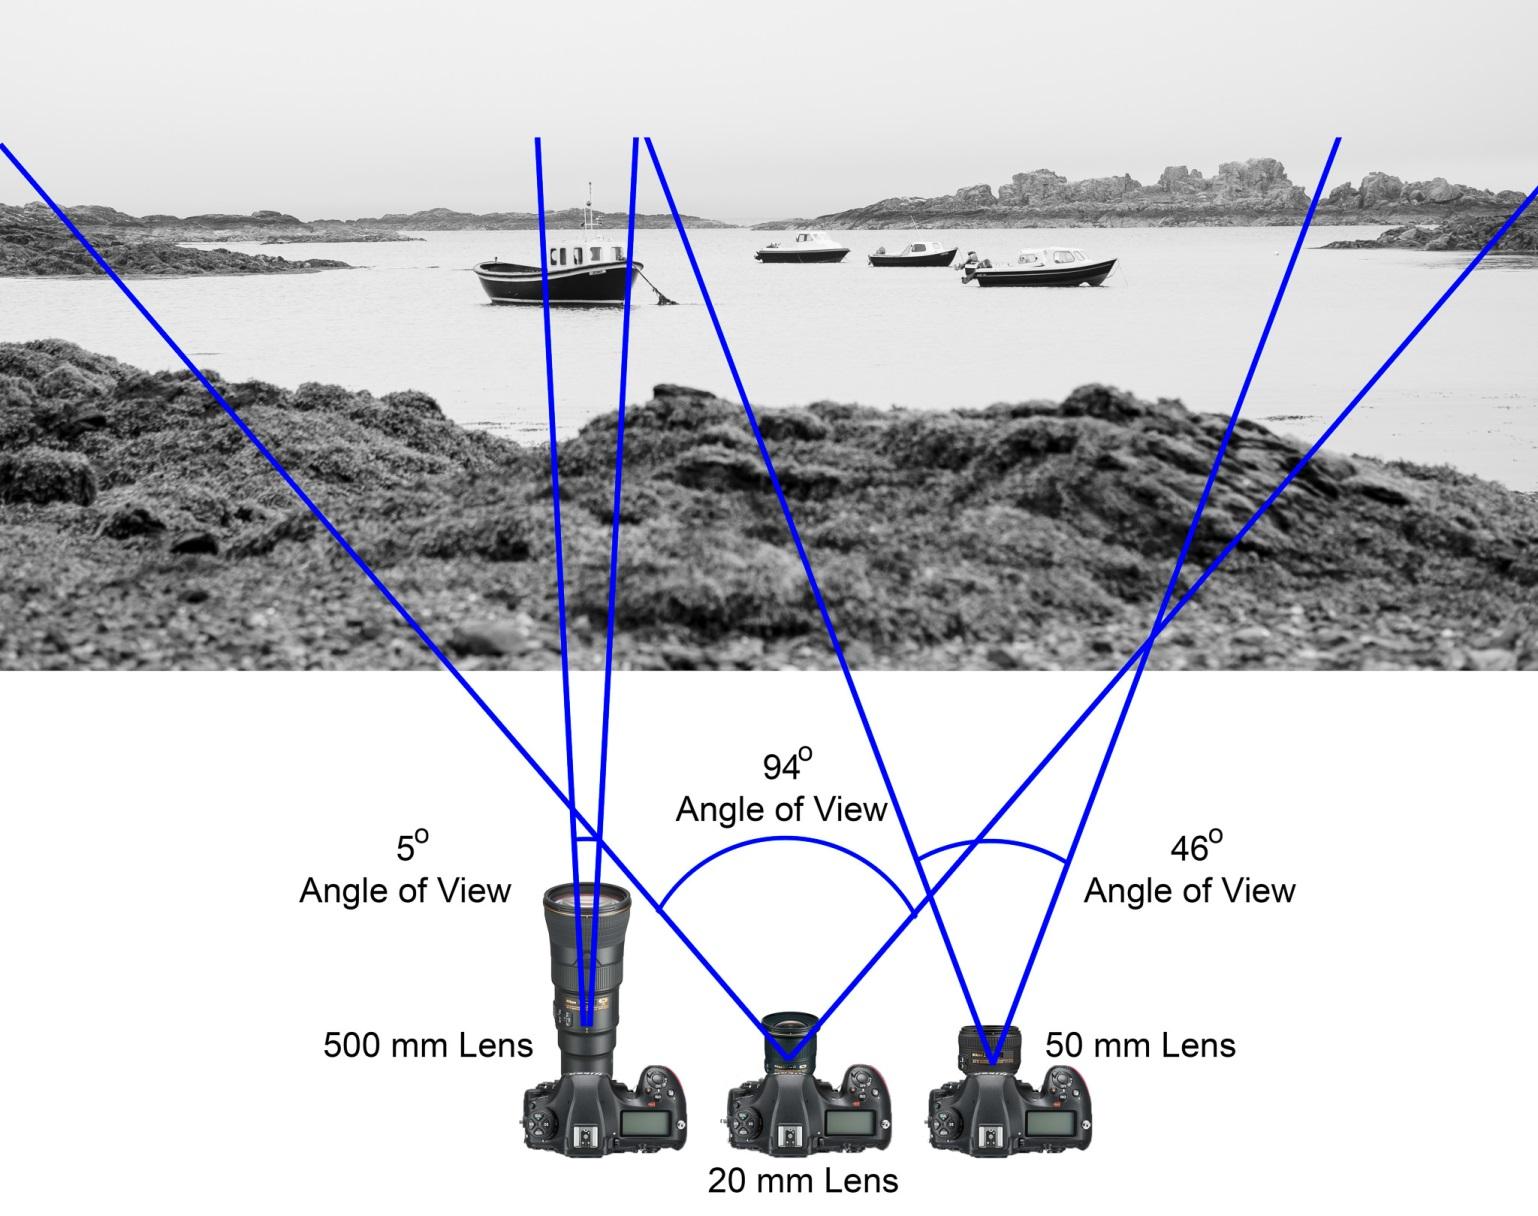 به فاصله بین مرکز نوری لنز و حسگر دوربین در شرایط فوکوس بی نهایت، فاصله کانونی گفته میشود